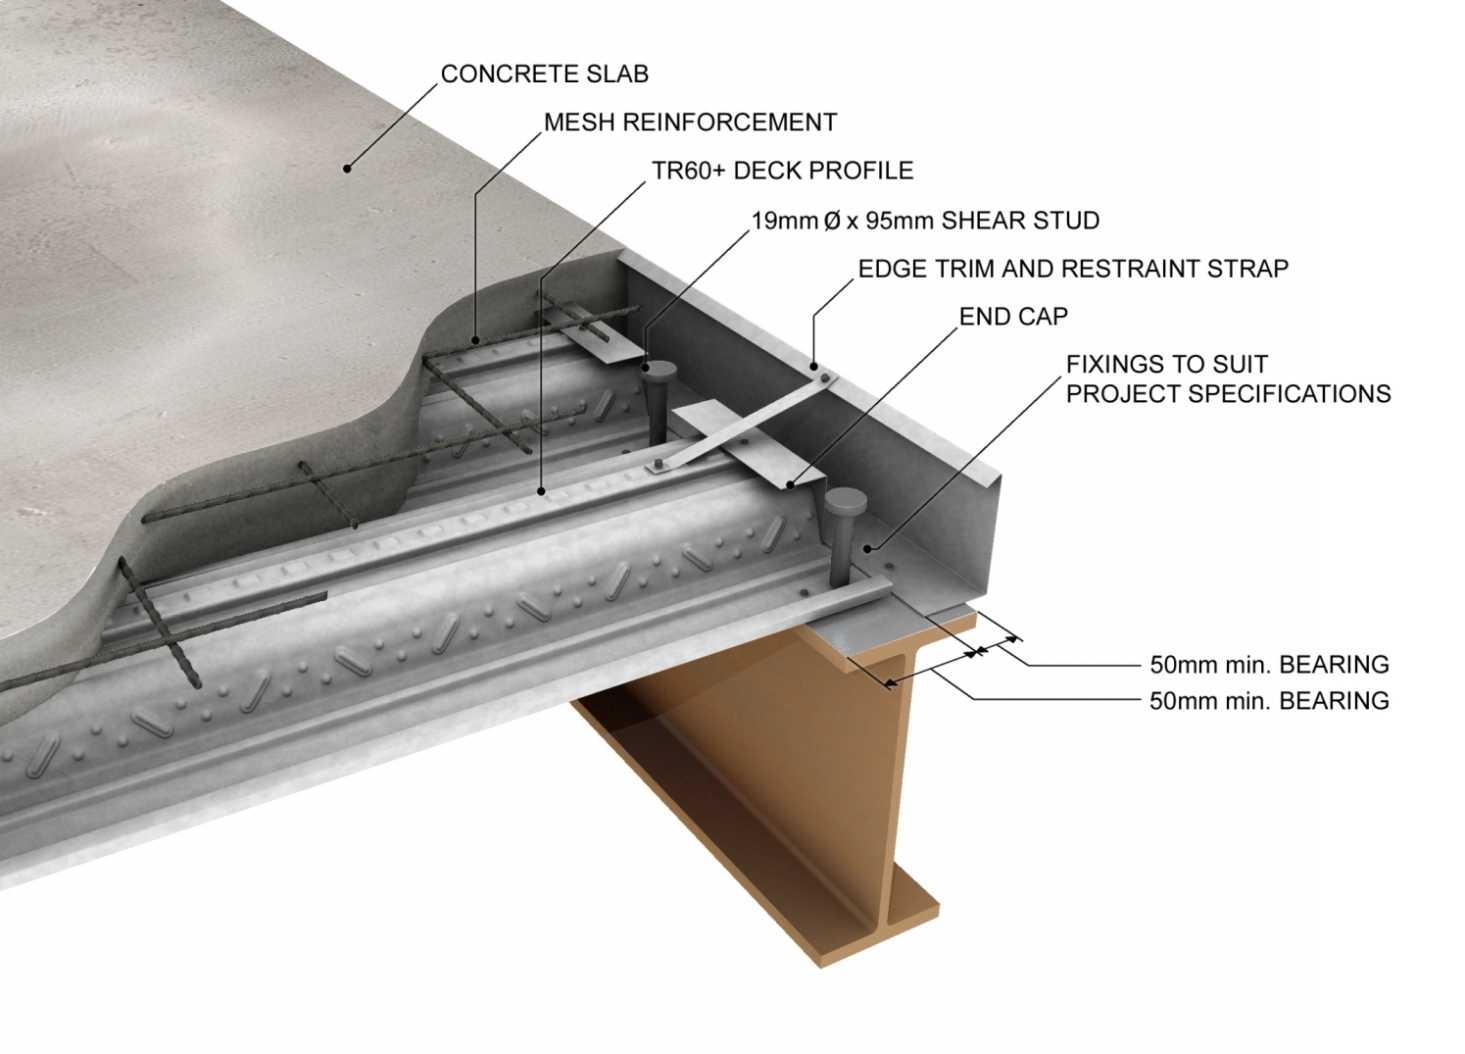 Shower Pan Construction On Concrete Floor